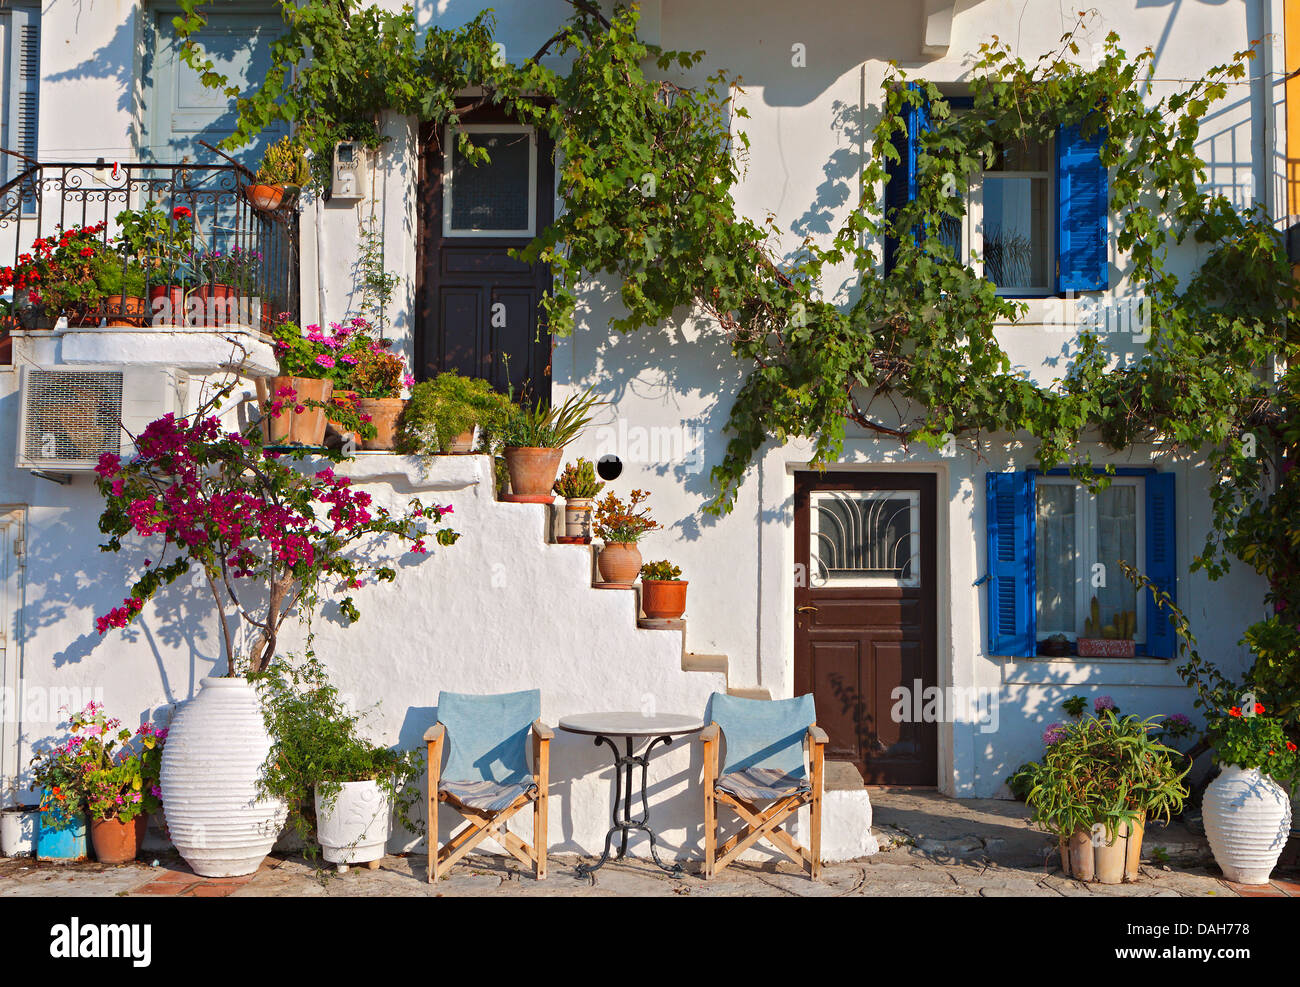 Casa tradicional grega em Parga cidade na Grécia Imagens de Stock